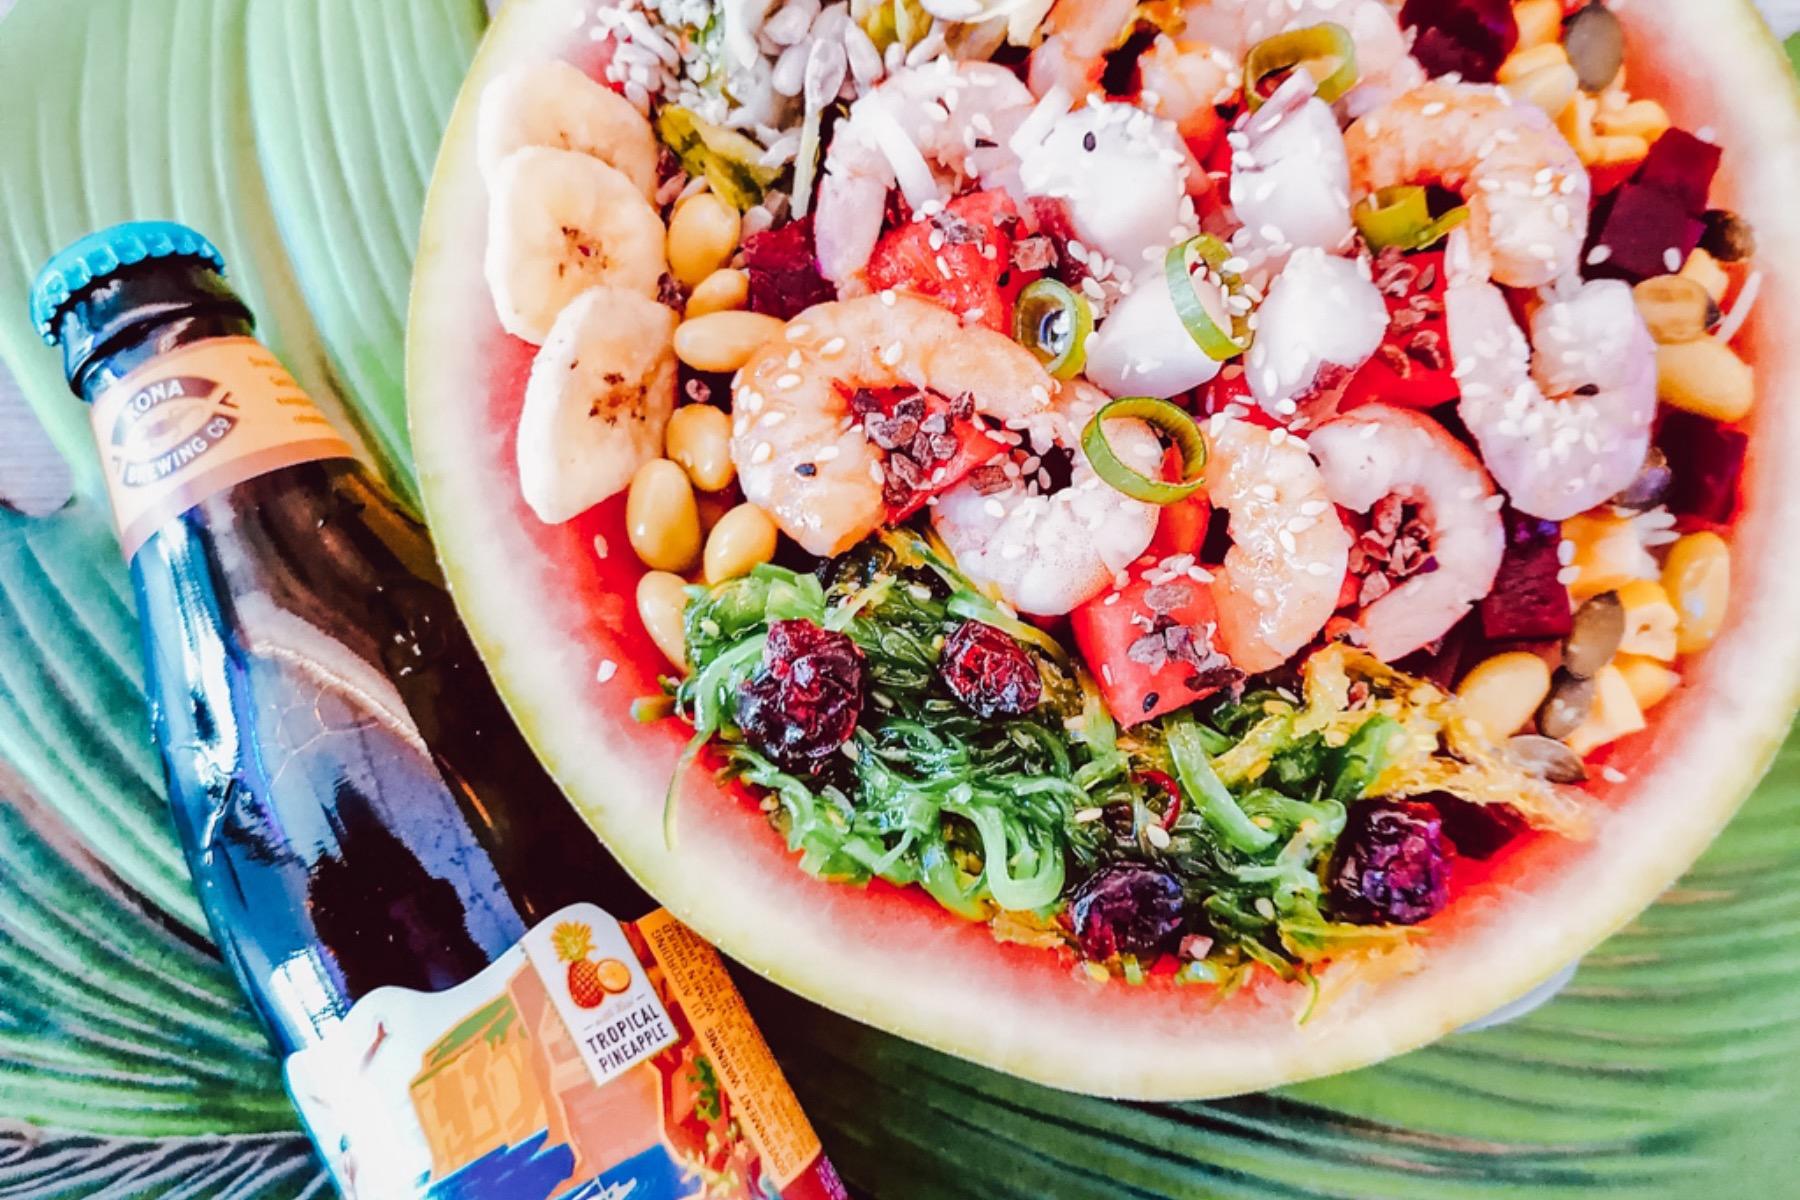 Jedes Gericht ist eure eigene individuelle Zusammenstellung aus Reis, Gemüse und Protein mit tollen Saucen und Toppings zur Auswahl.